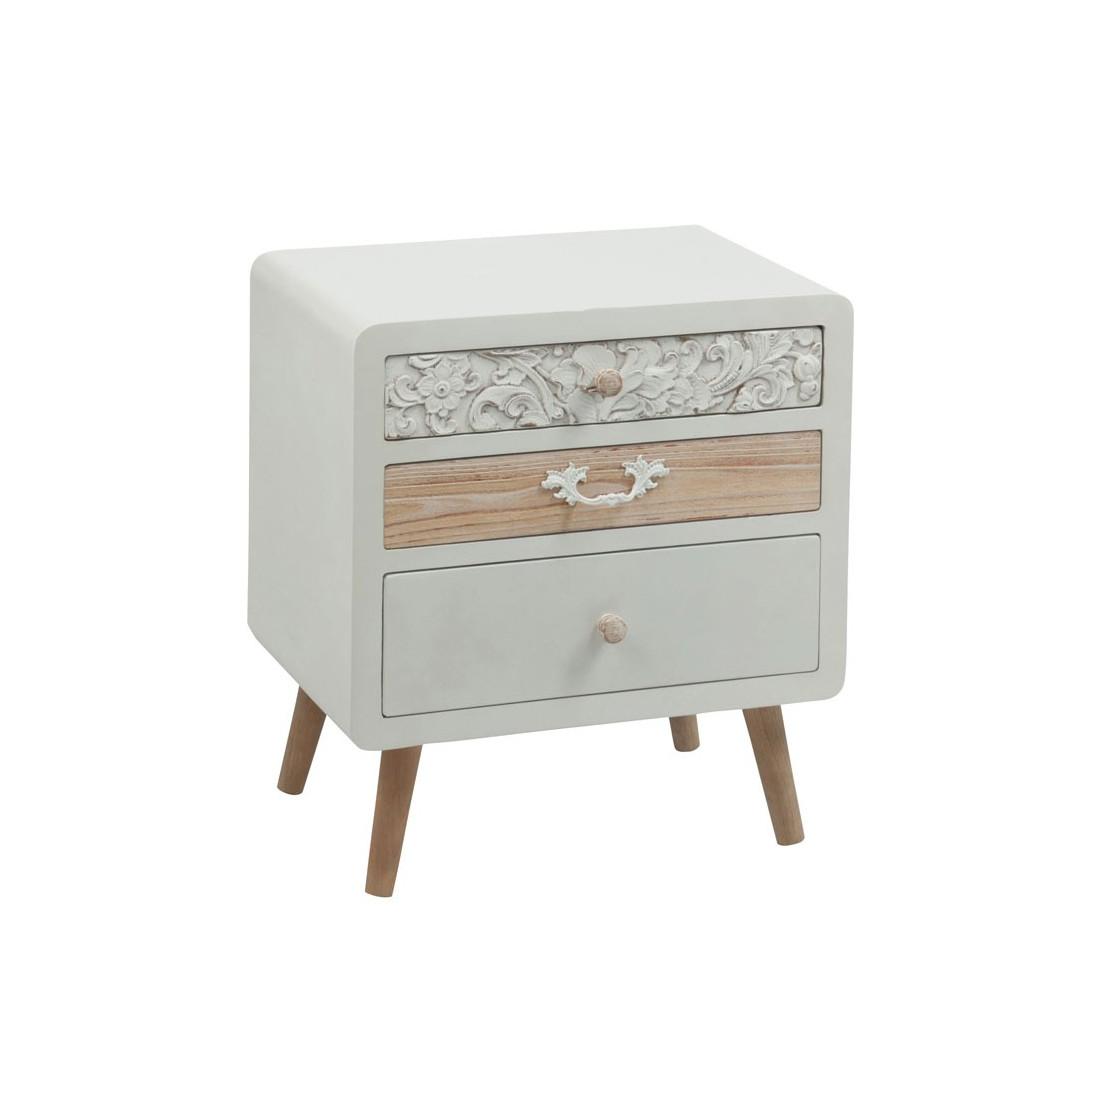 table de chevet 3 tiroirs bois c rus blanc fluence univers chambre. Black Bedroom Furniture Sets. Home Design Ideas